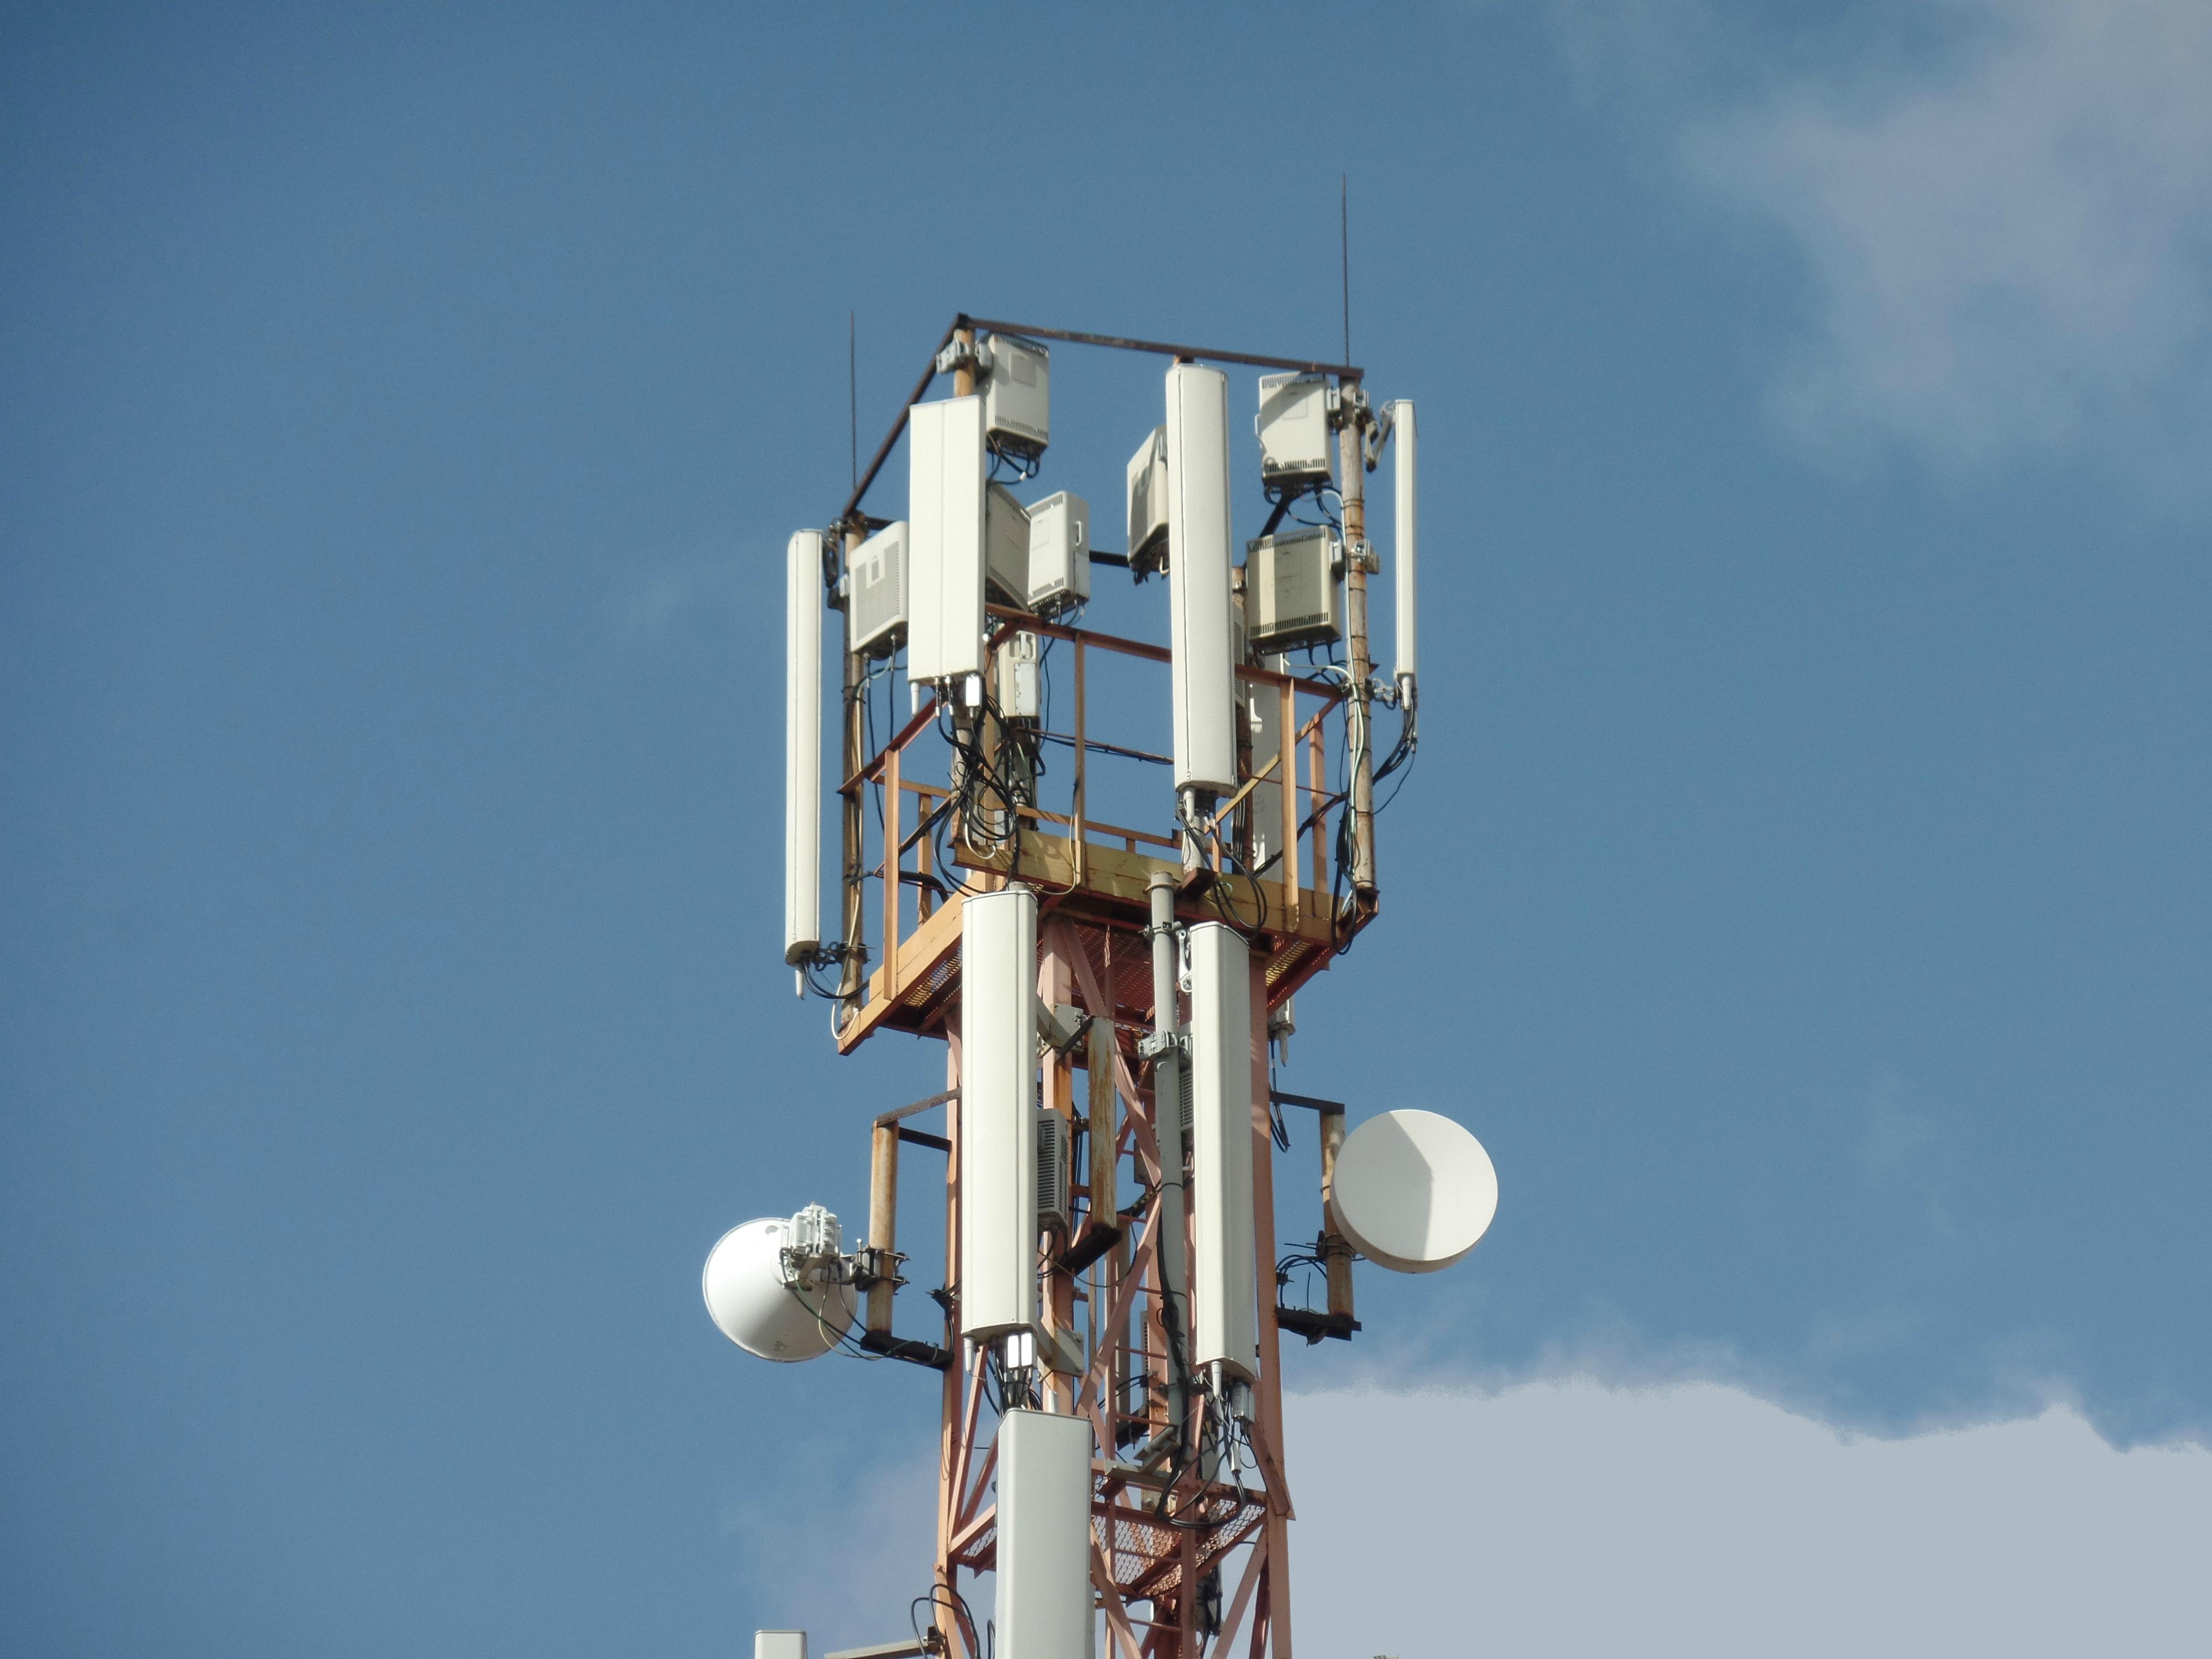 За 11 месяцев количество радиоэлектронных средств операторов «большой четверки» выросло на 13% 1